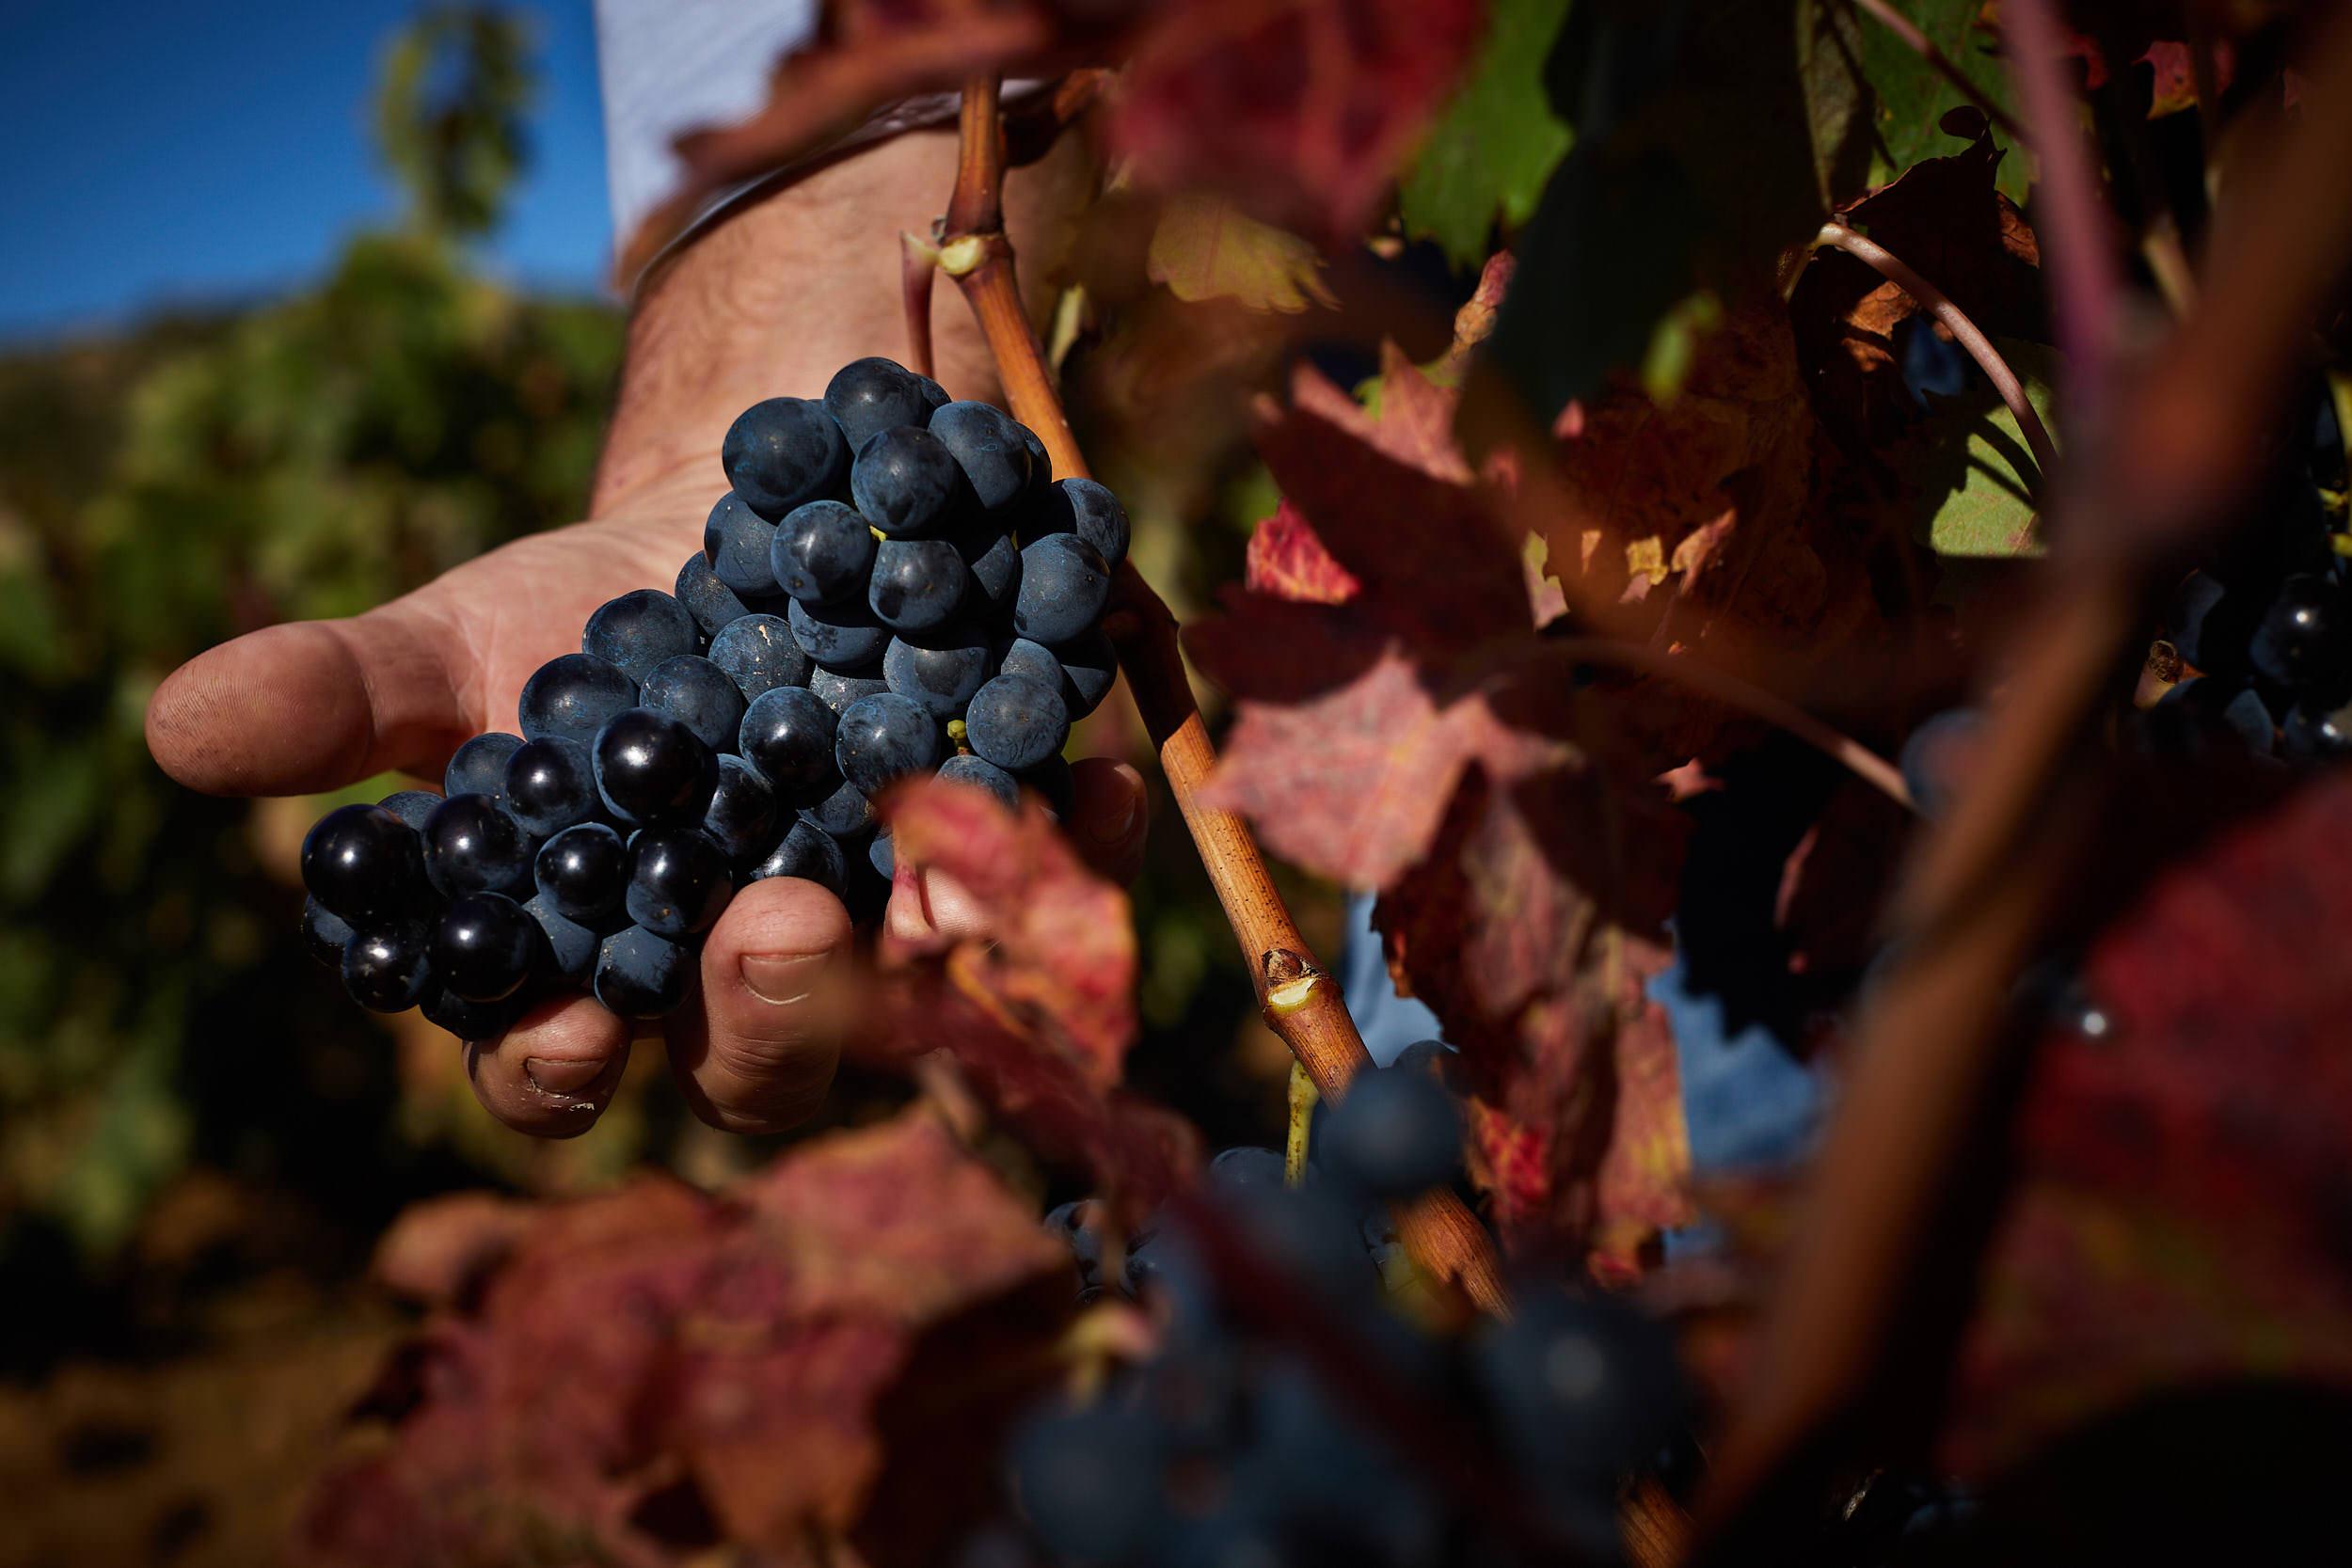 1810Commercial_Photographer_Rioja_Spain_Sturcke_0011.jpg